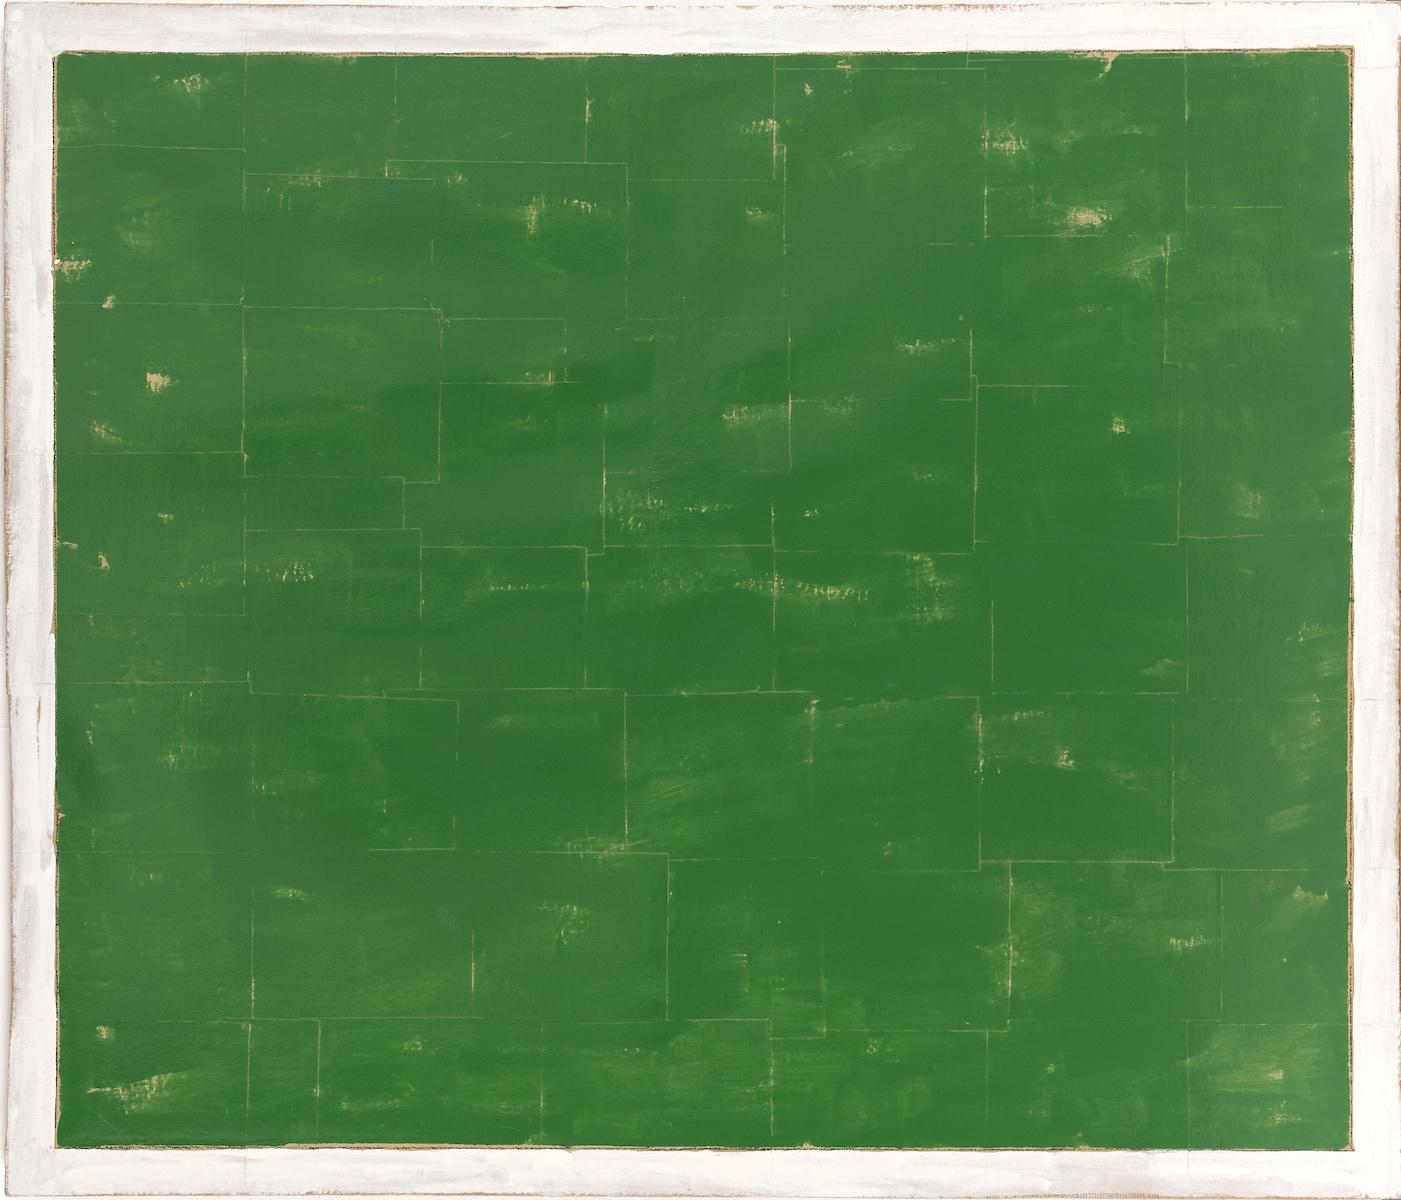 1975, smalto su carta applicato su tela, cm 128x150